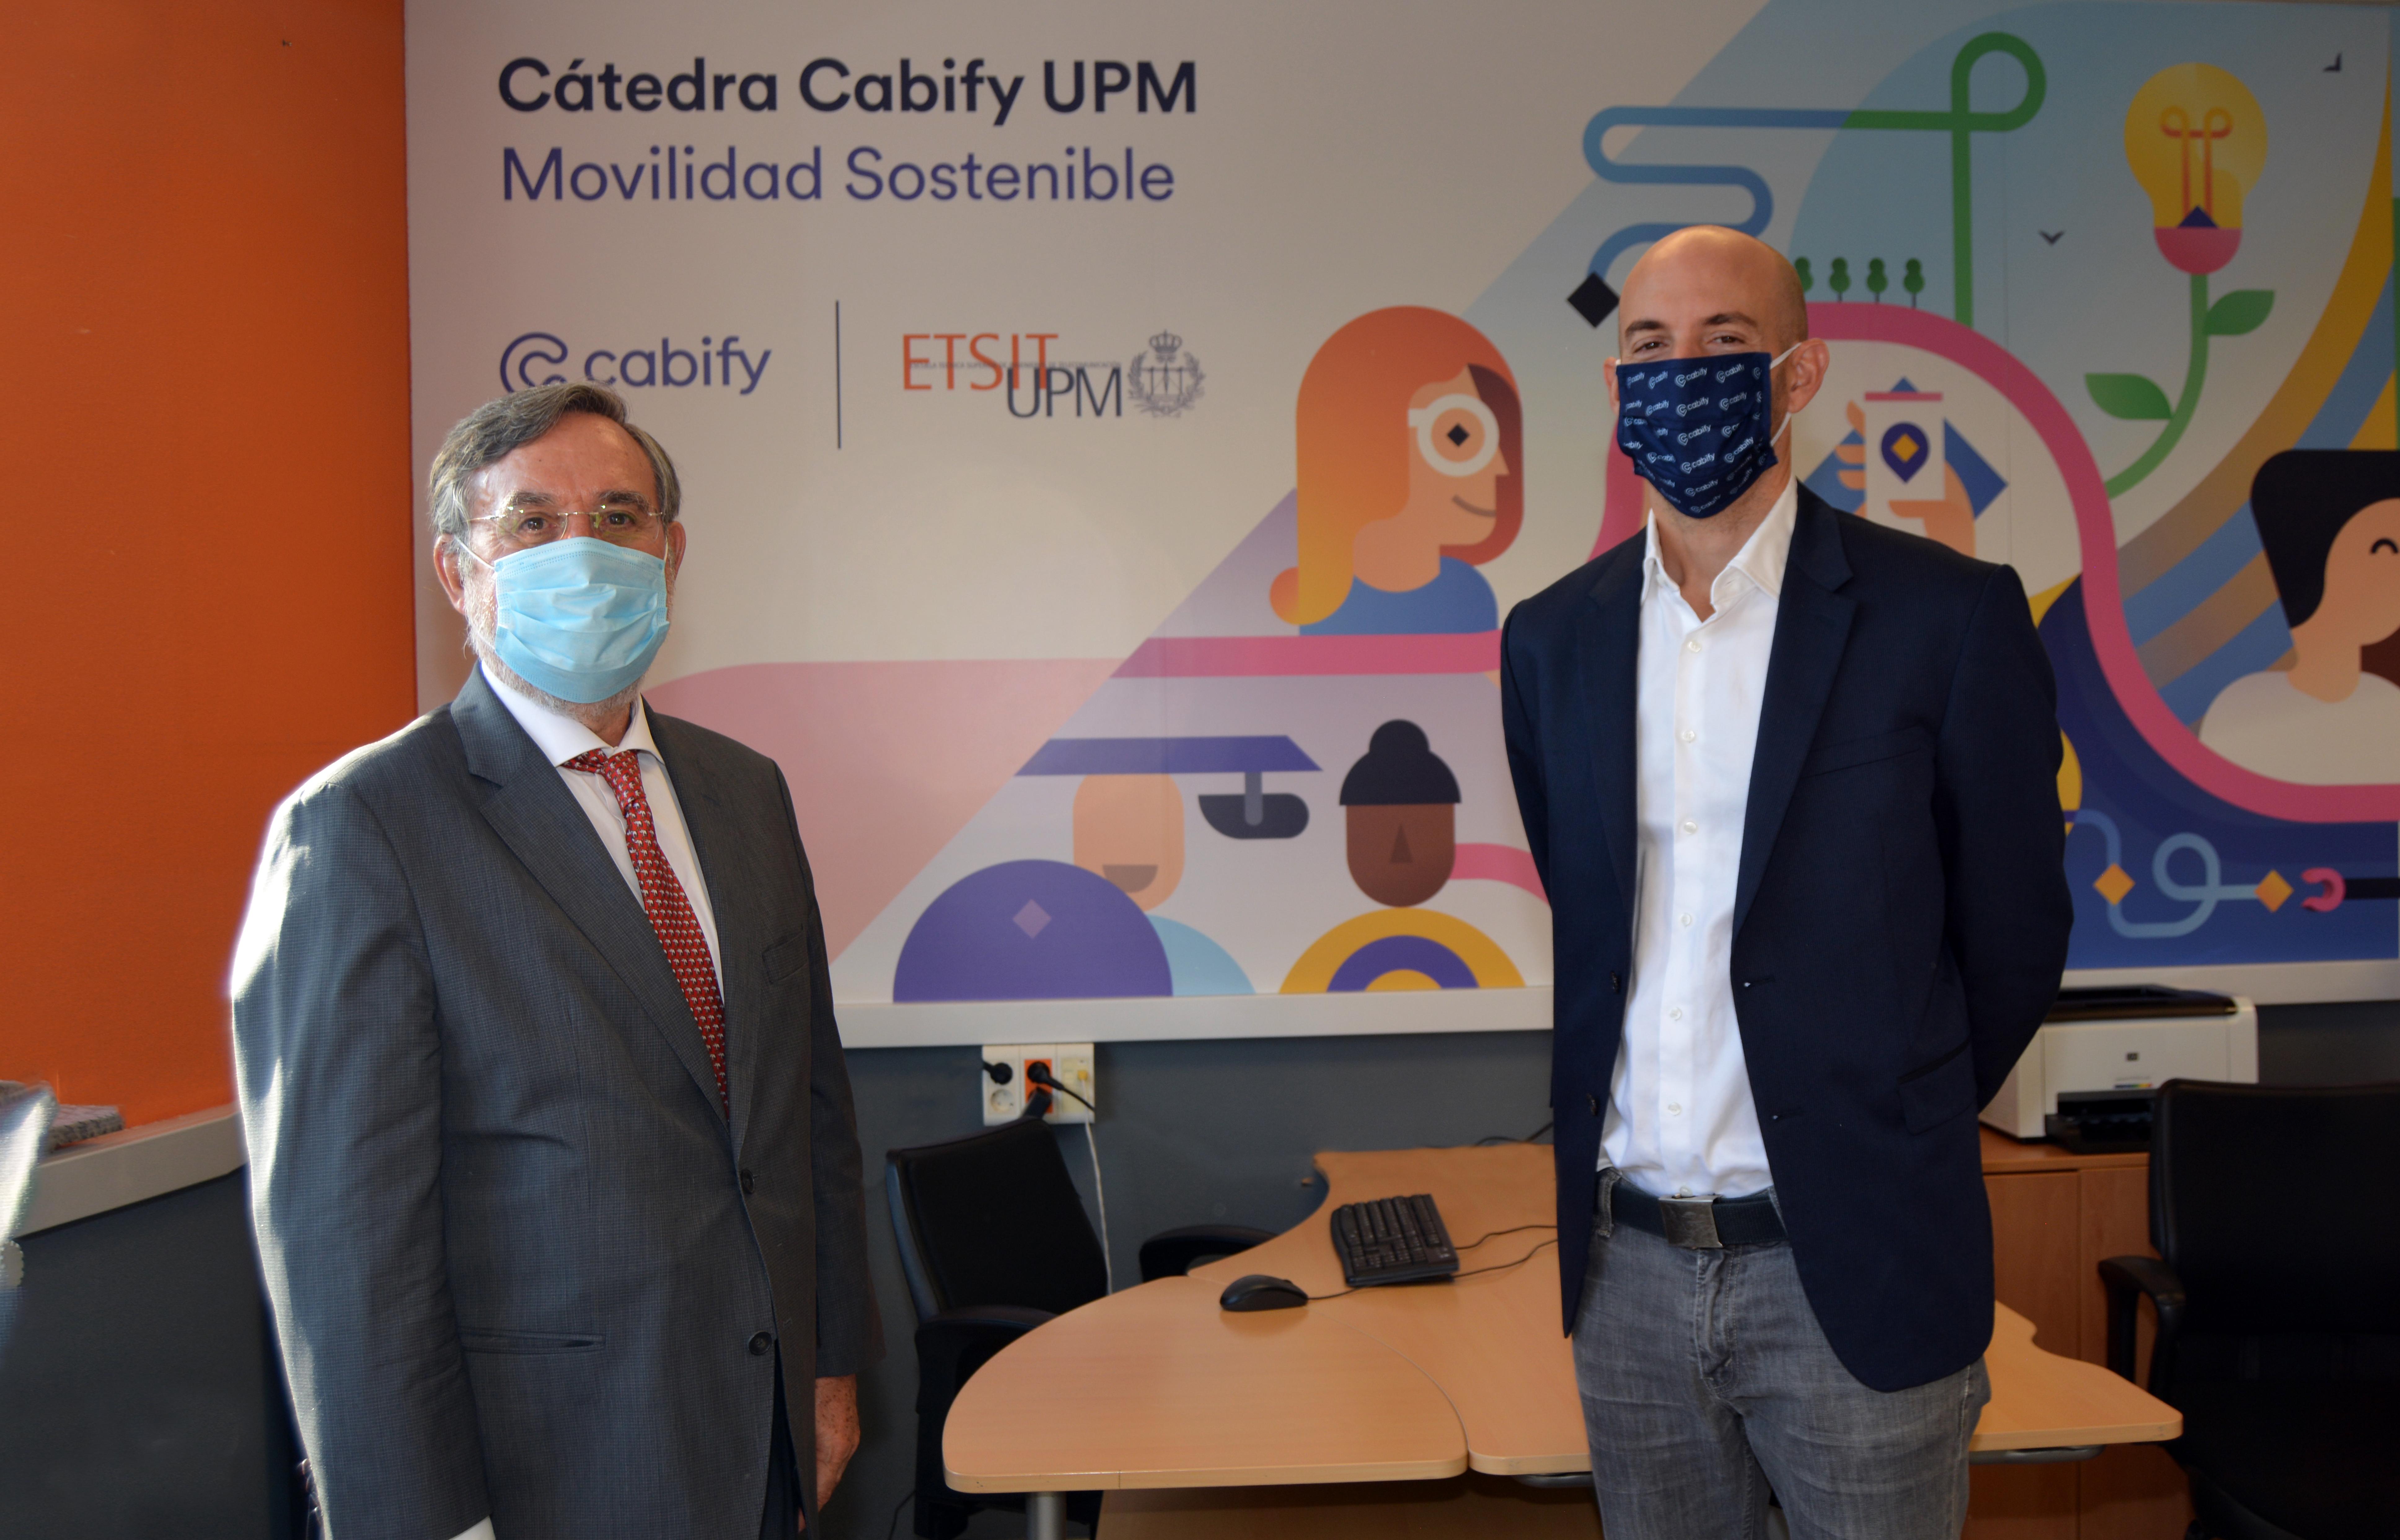 La ETSIT firma una cátedra con Cabify